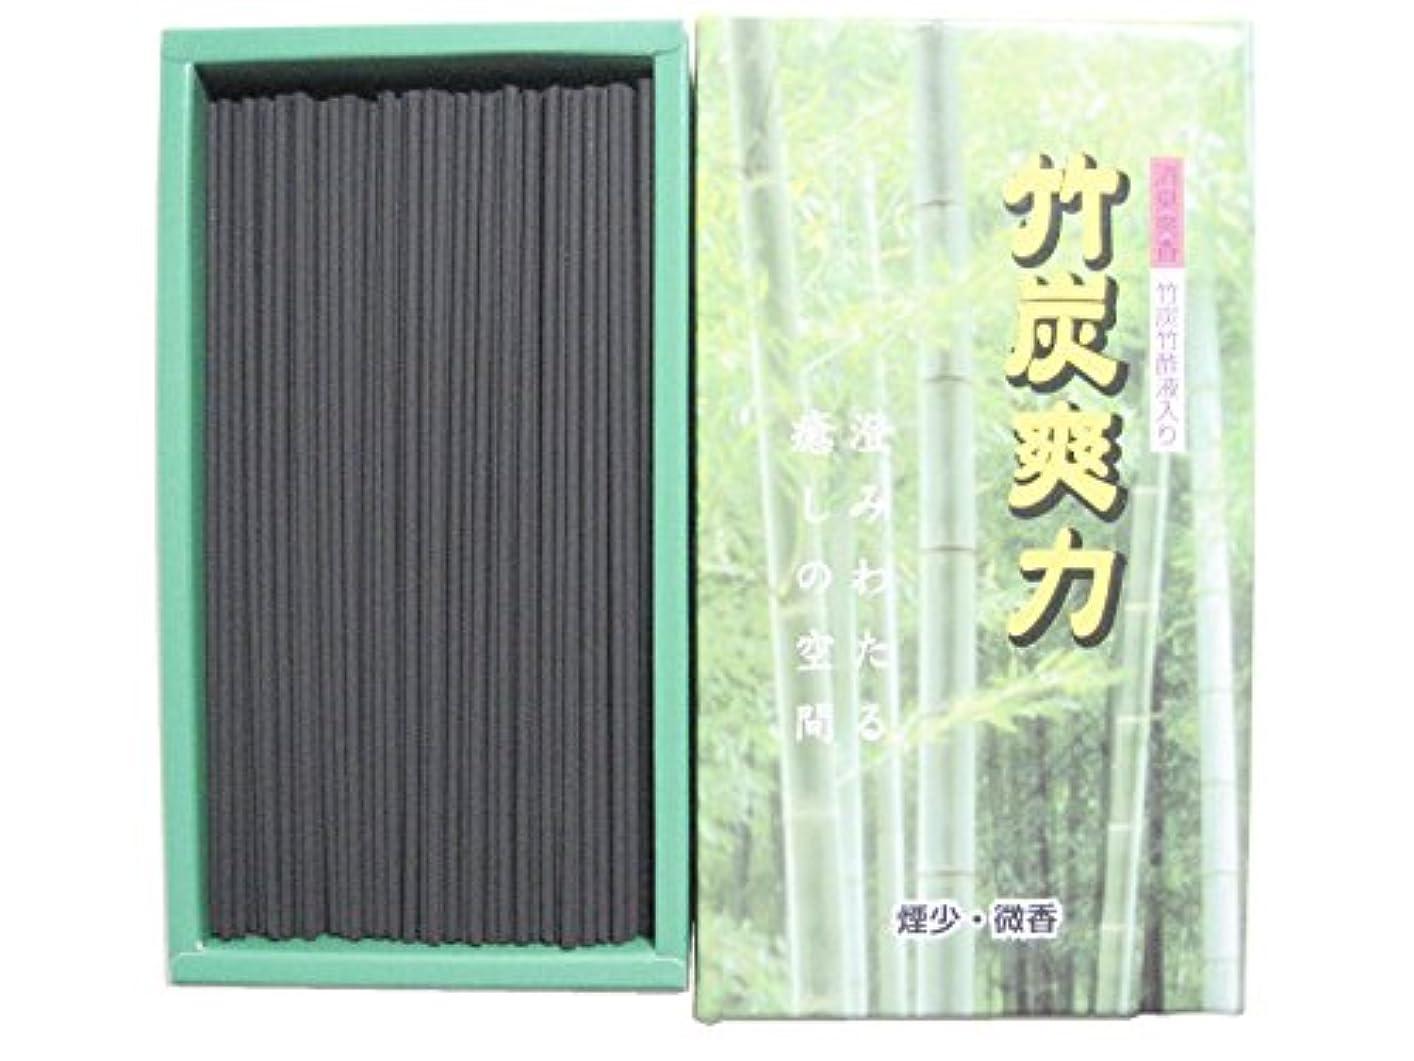 淡路梅薫堂の竹炭お線香 竹炭爽力微香 95g #250 ×80